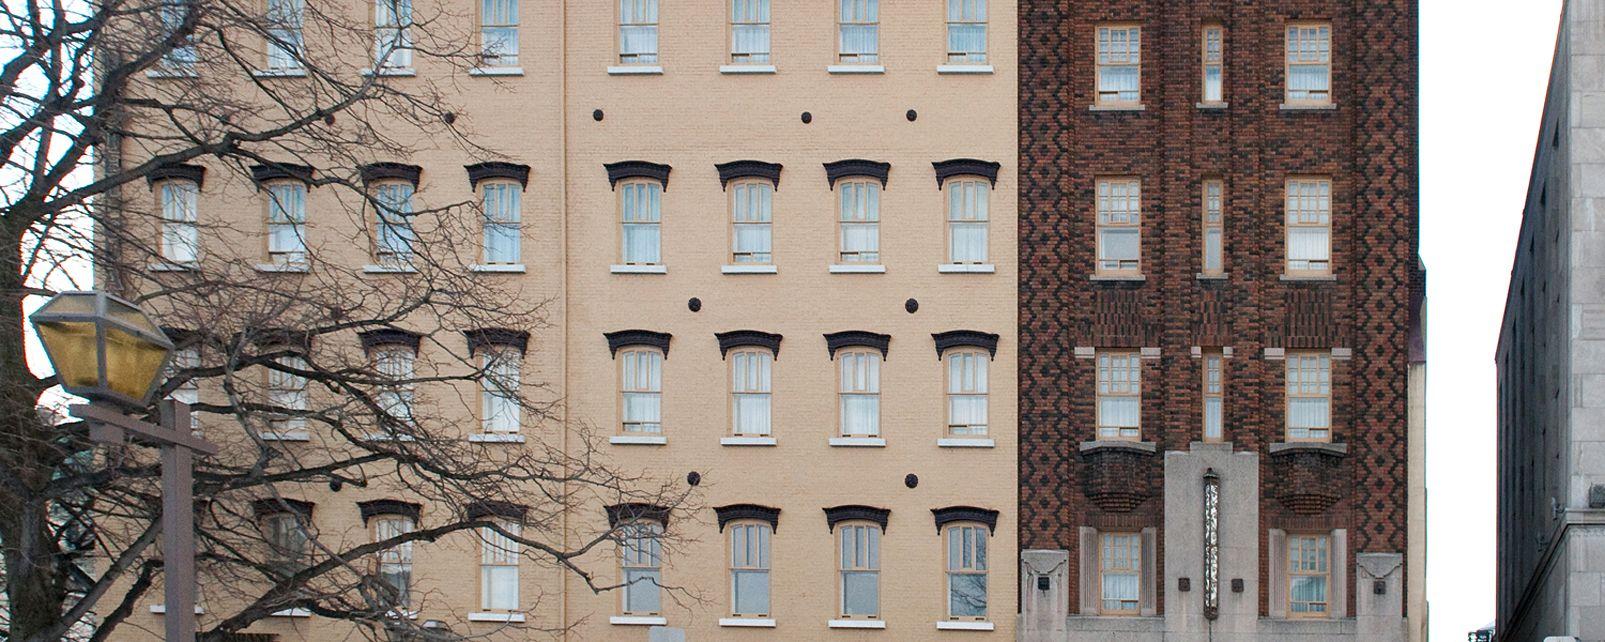 Hotel Clarendon Hotel Quebec